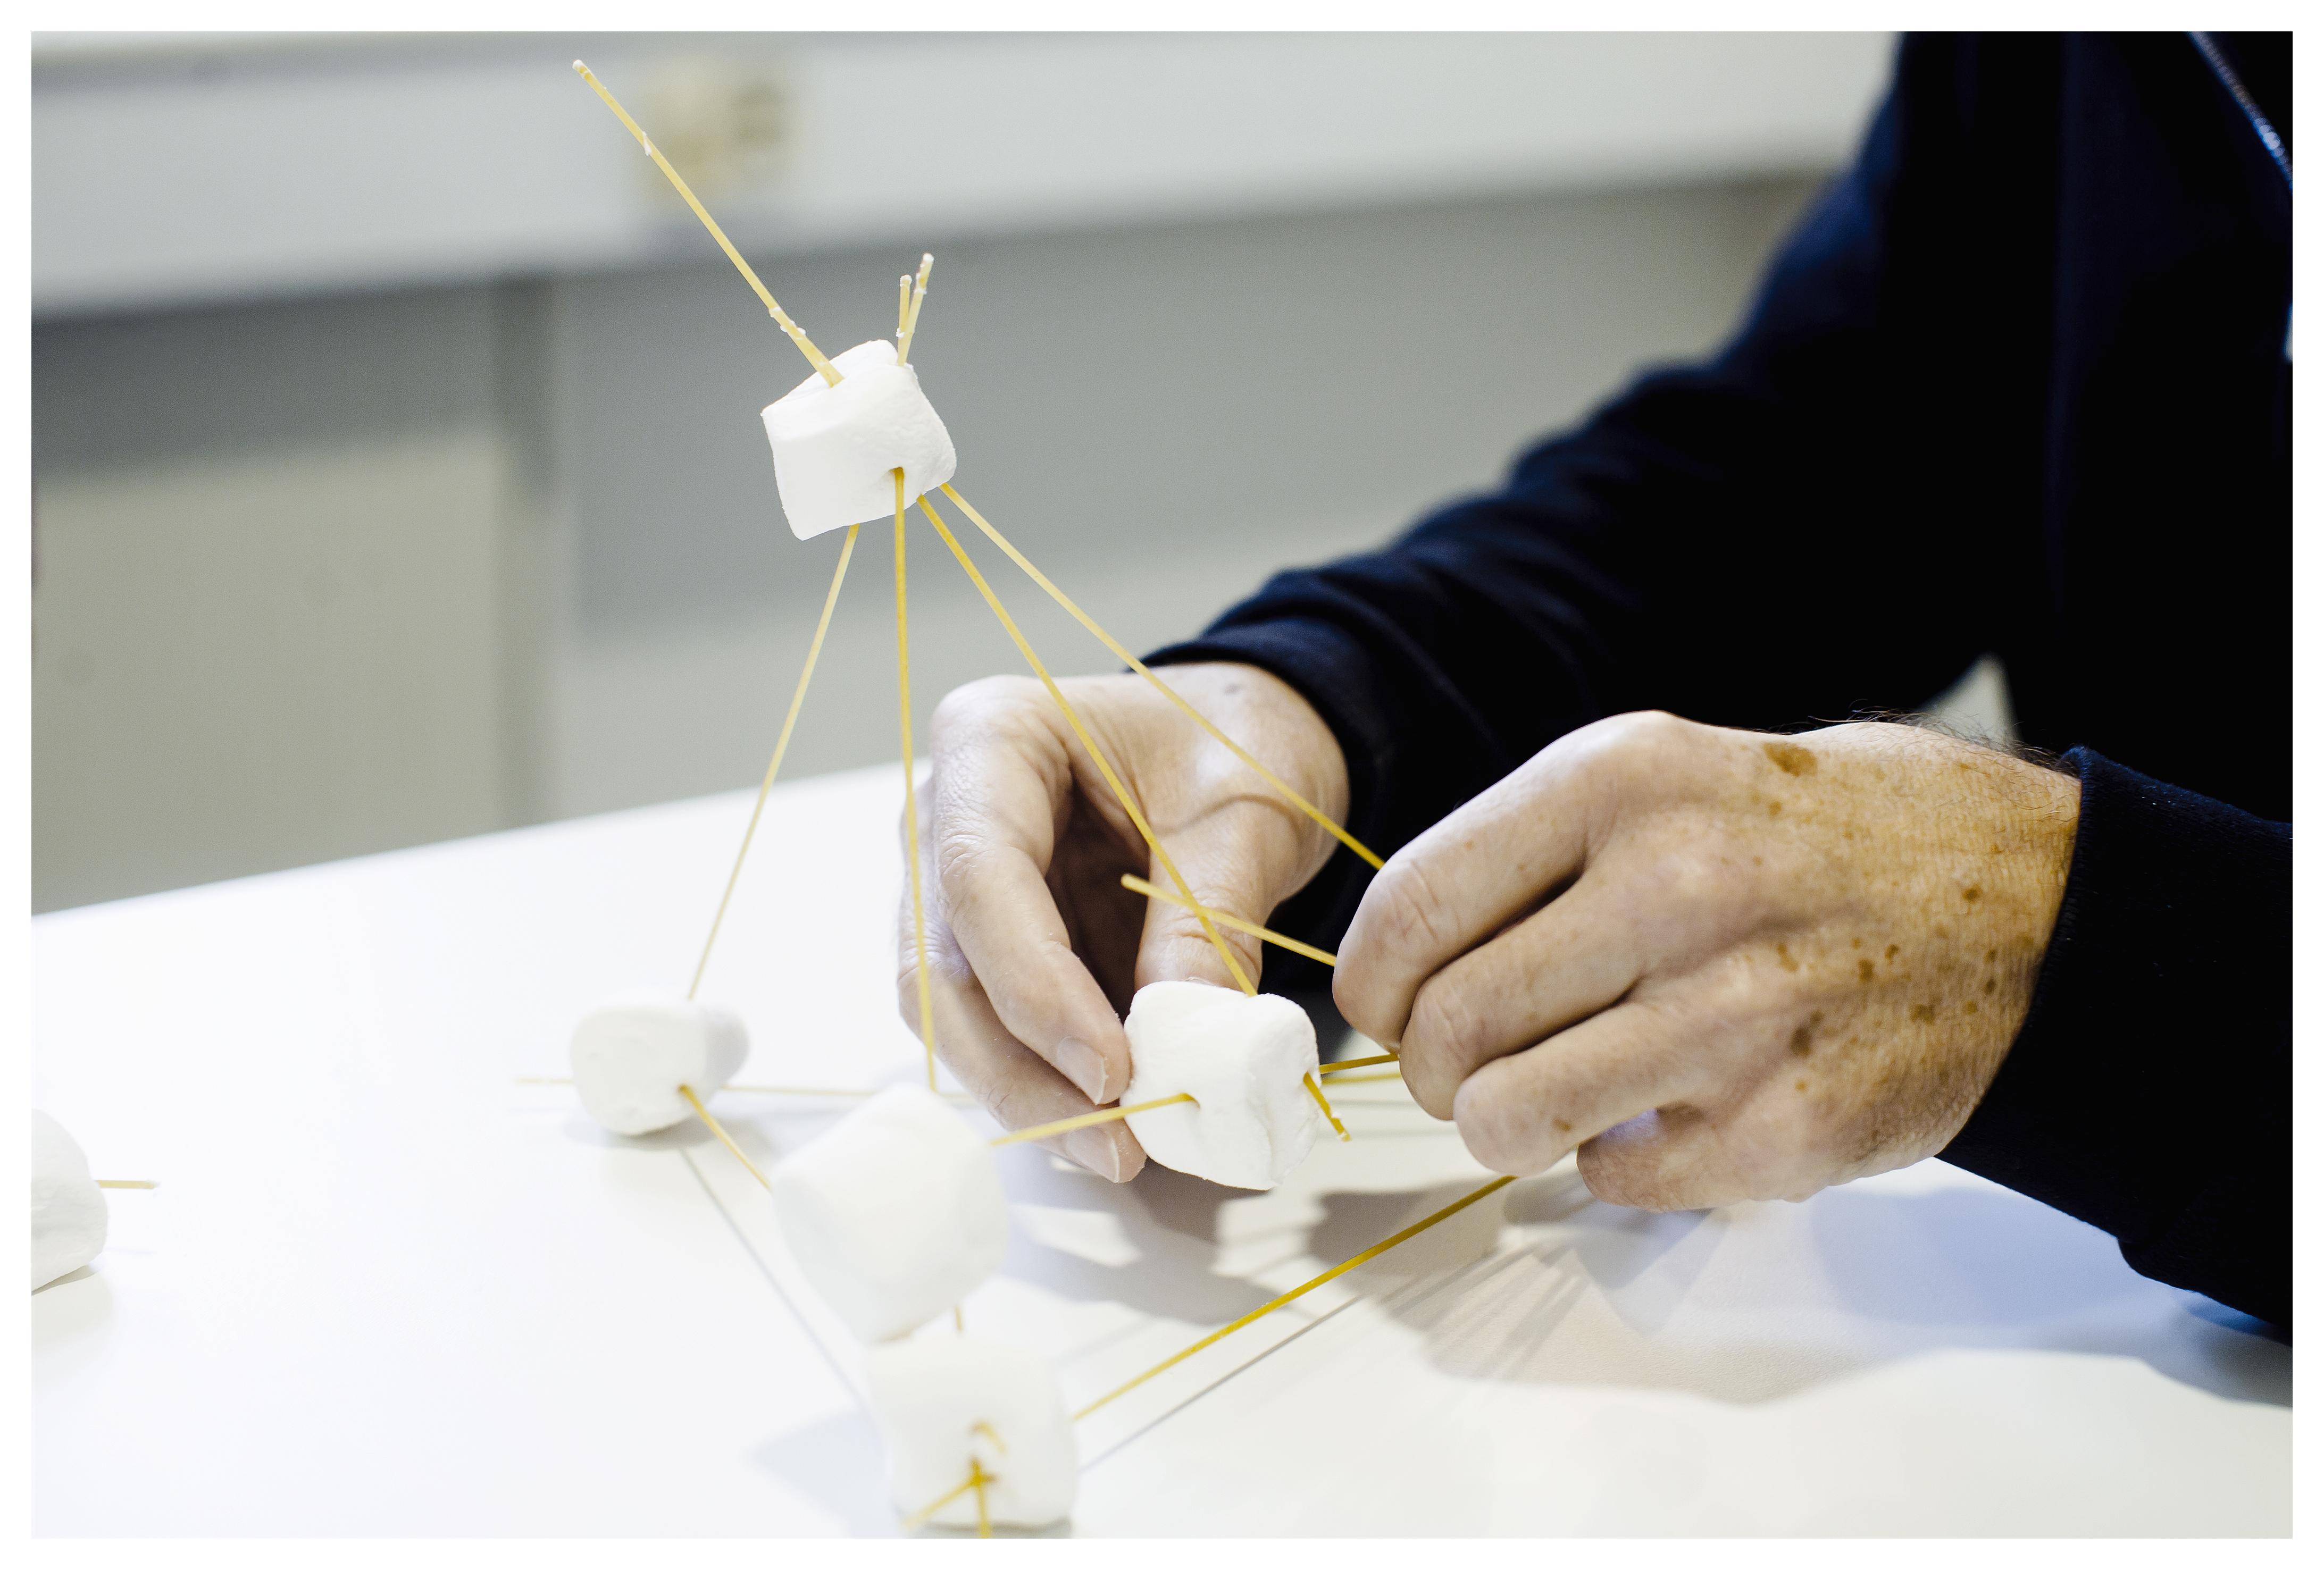 CST er en evidensbaseret terapiform, der fremmer kognitionen hos borgere med demens gennem træning. En opgave kan for eksempel være at bygge et tårn af skumfiduser og spaghetti.